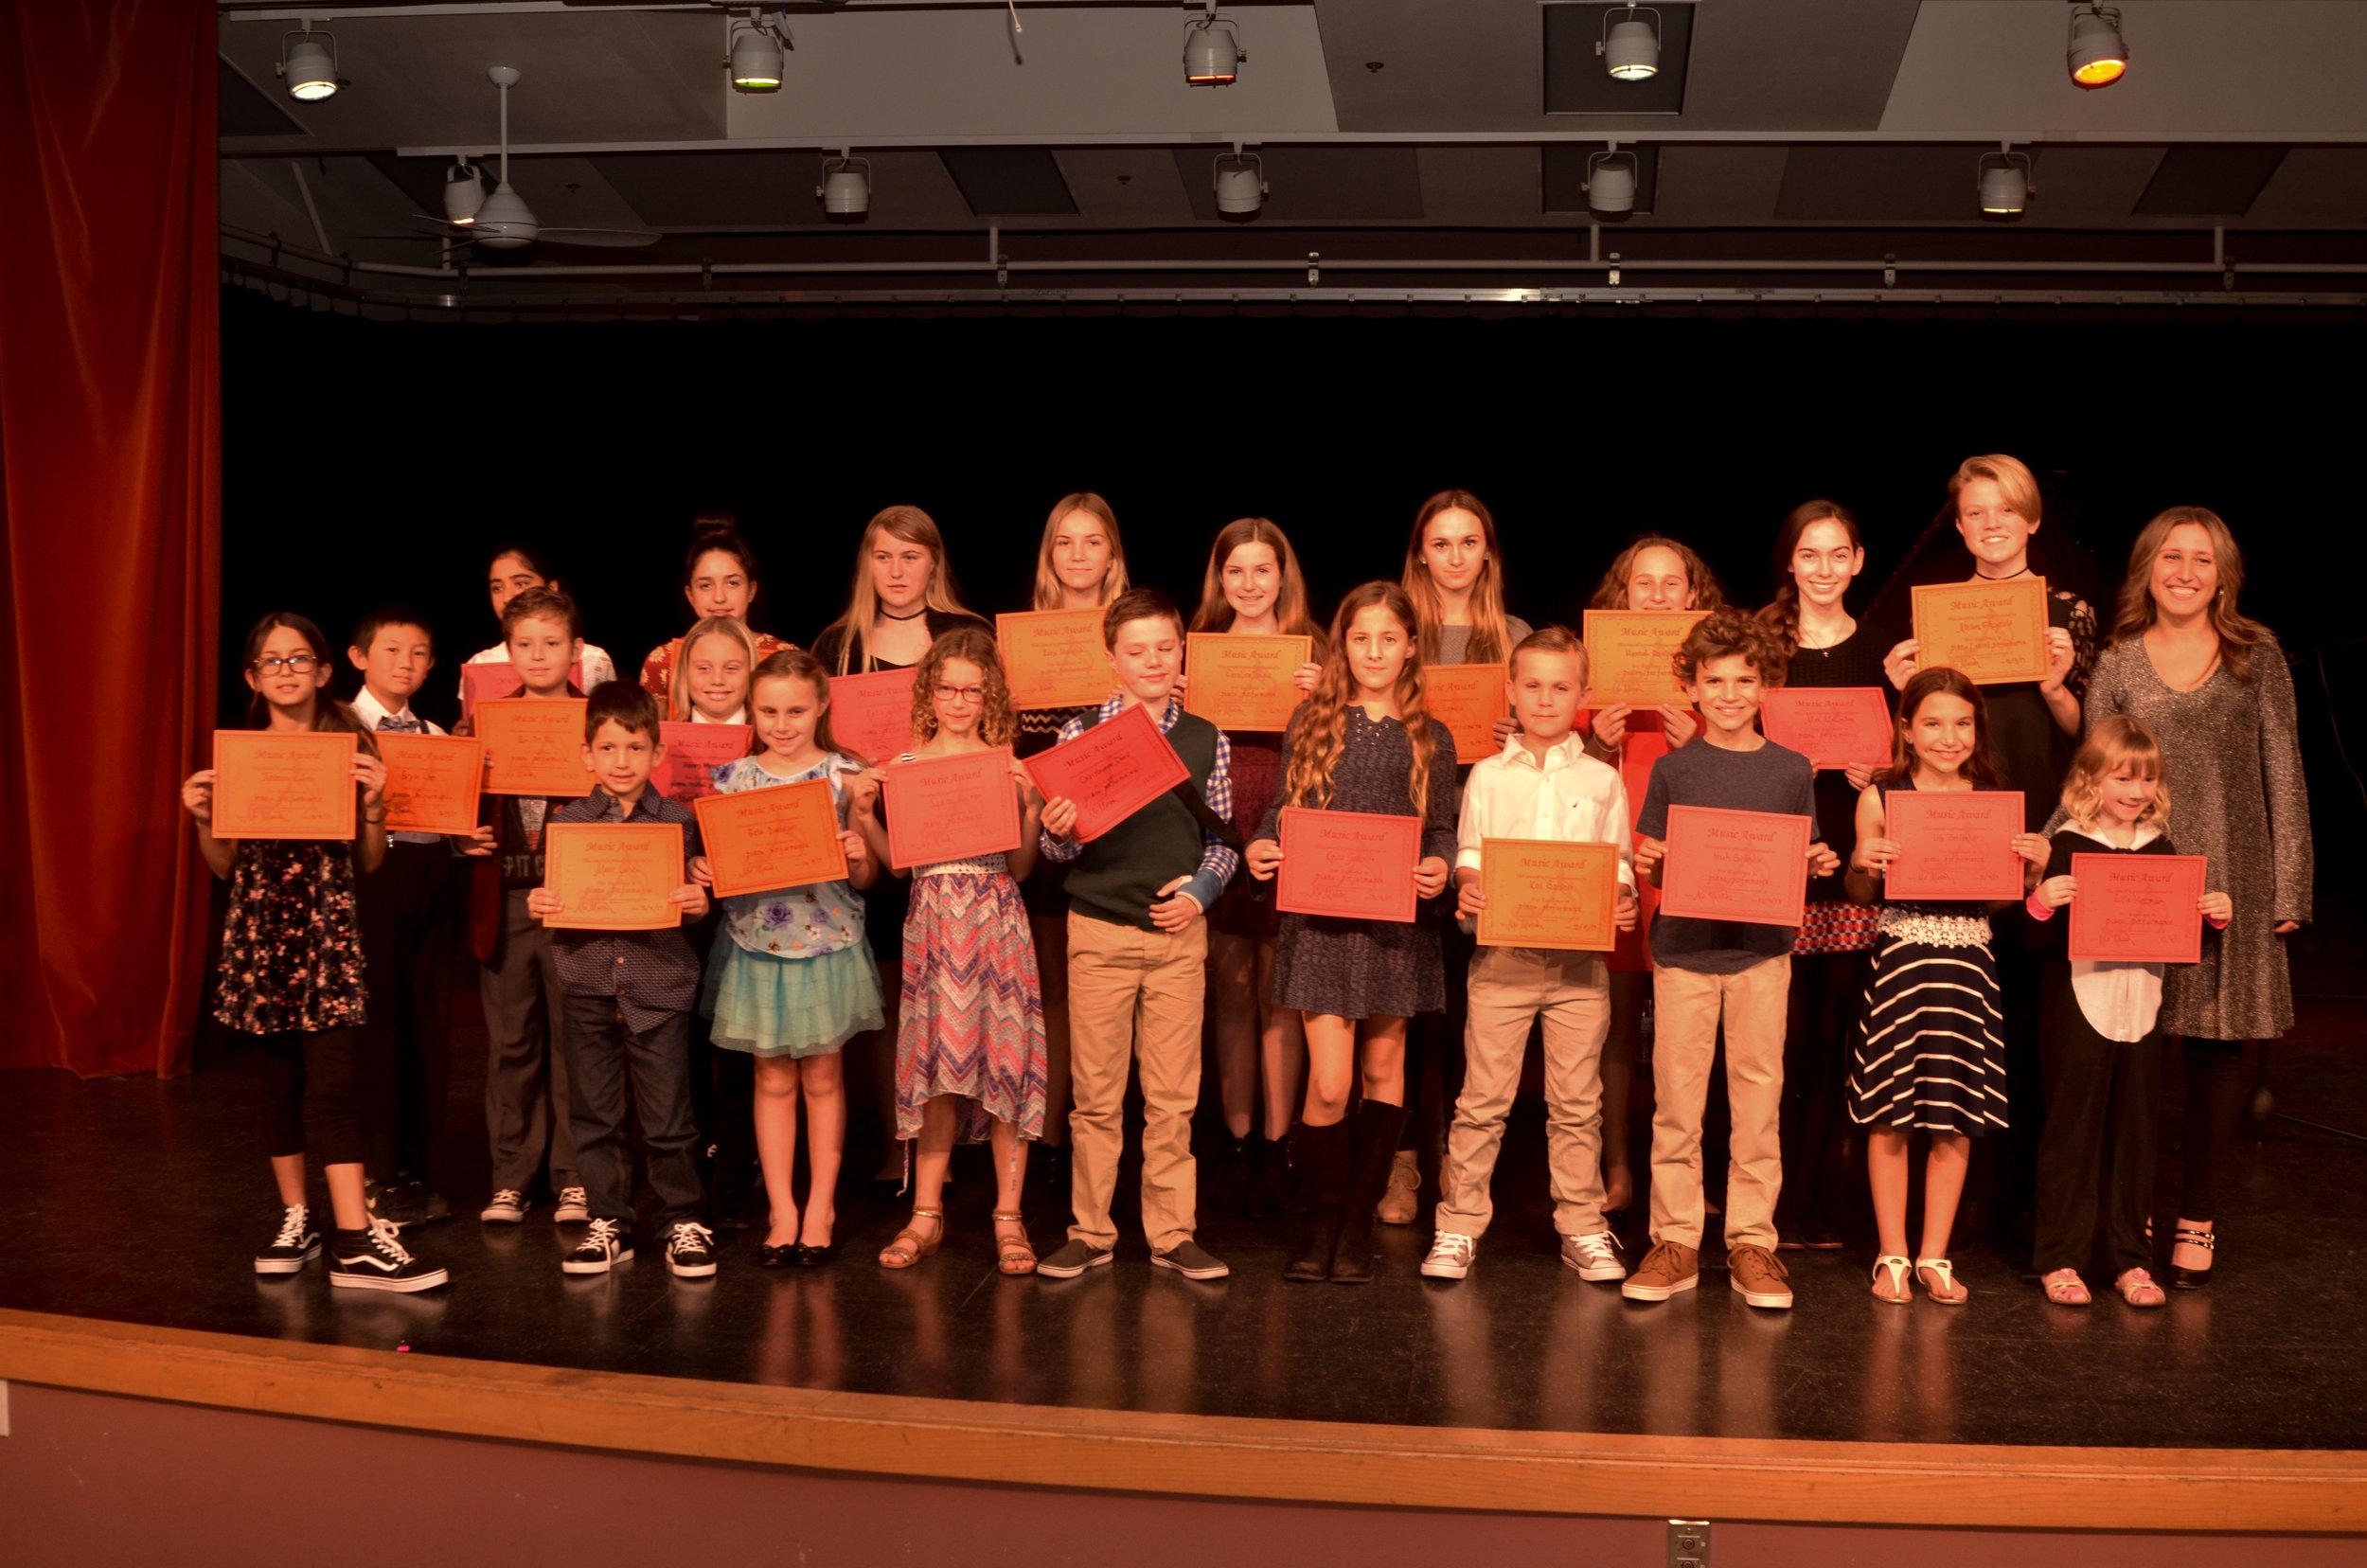 Winter Recital 2017 at Coronado Middle School